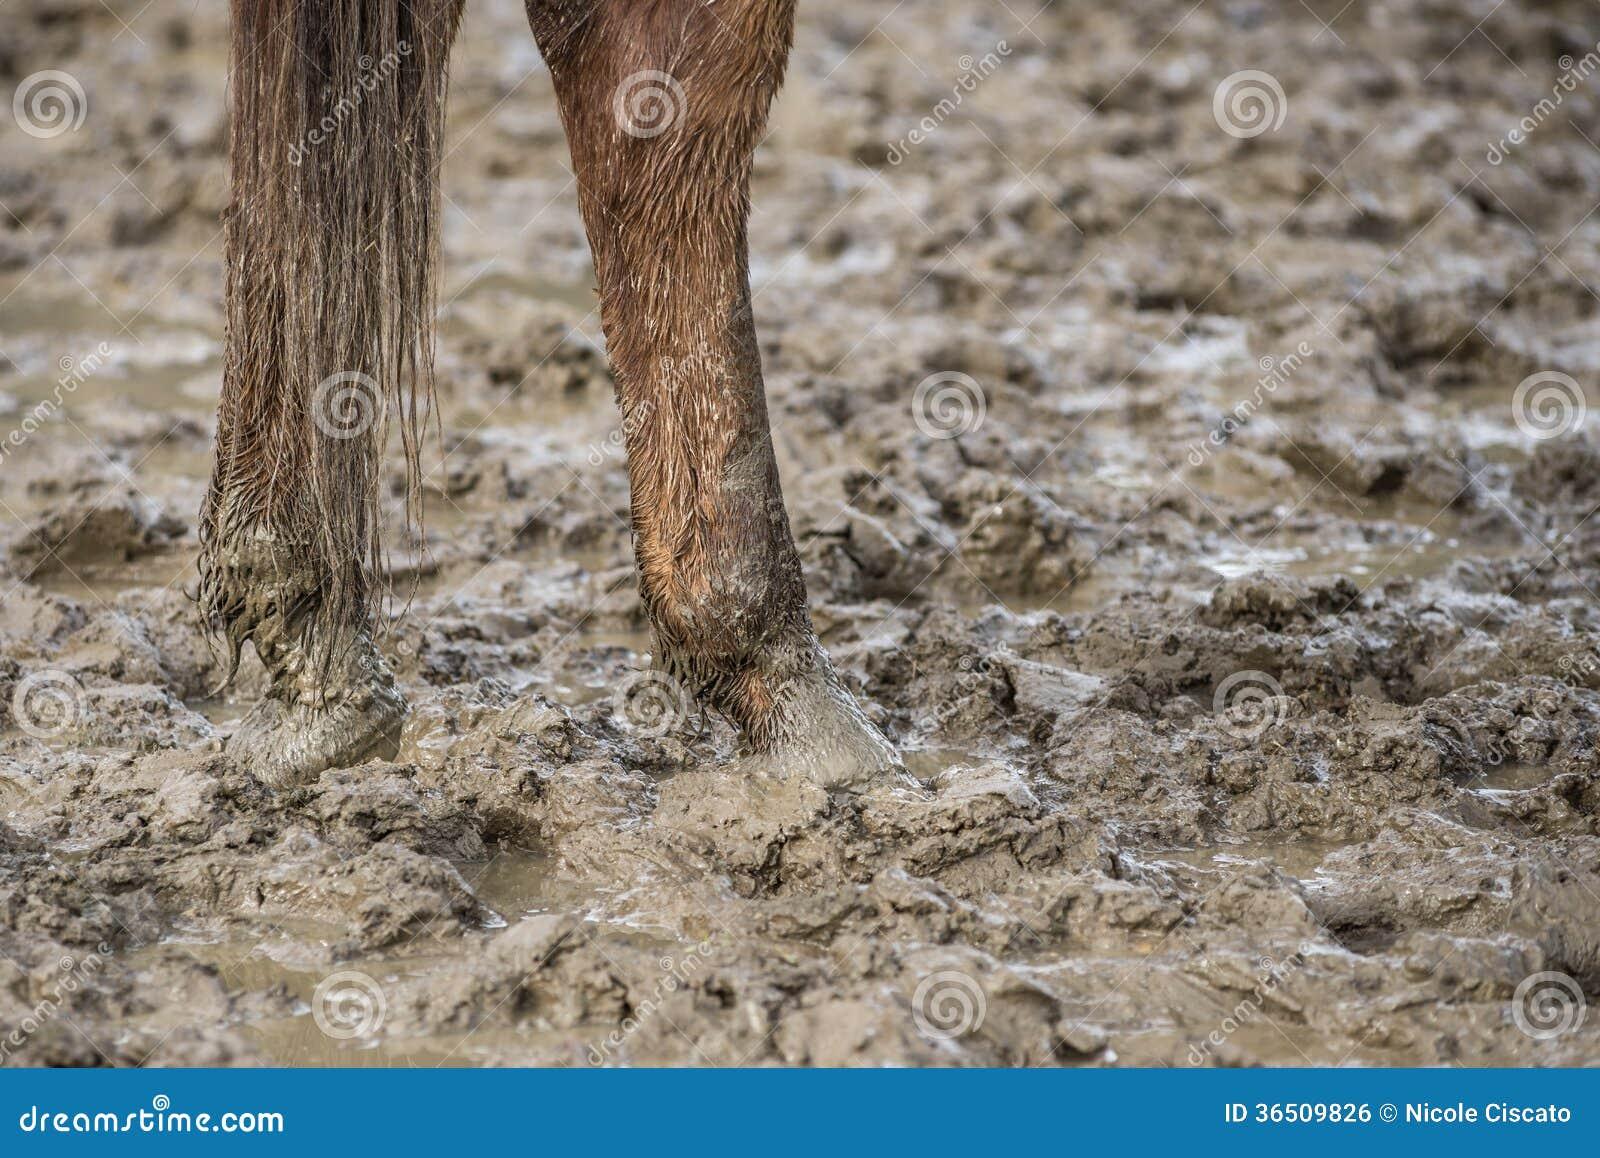 Pieds de cheval dans la boue